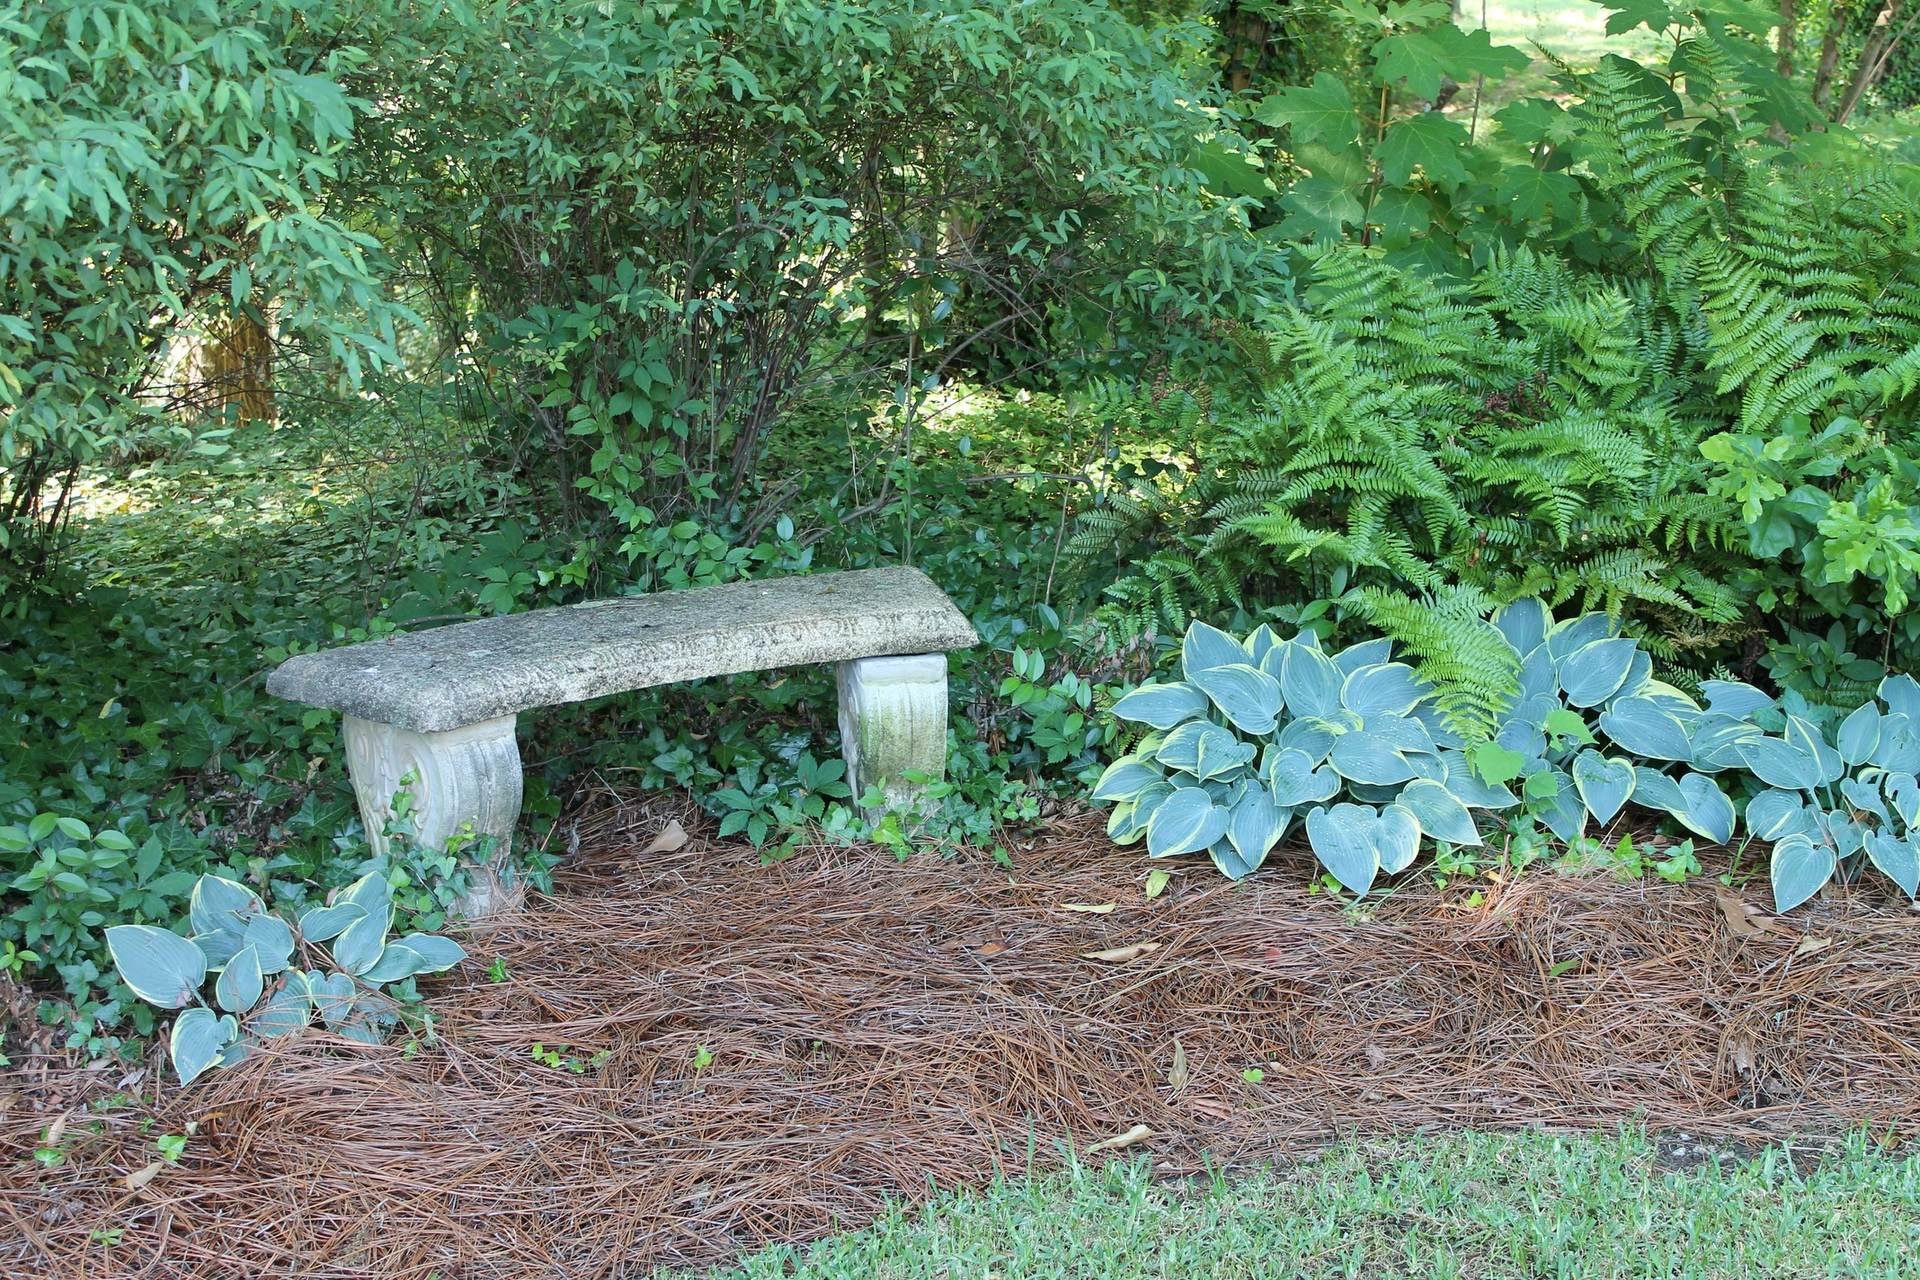 The Hall Wedding Garden bench